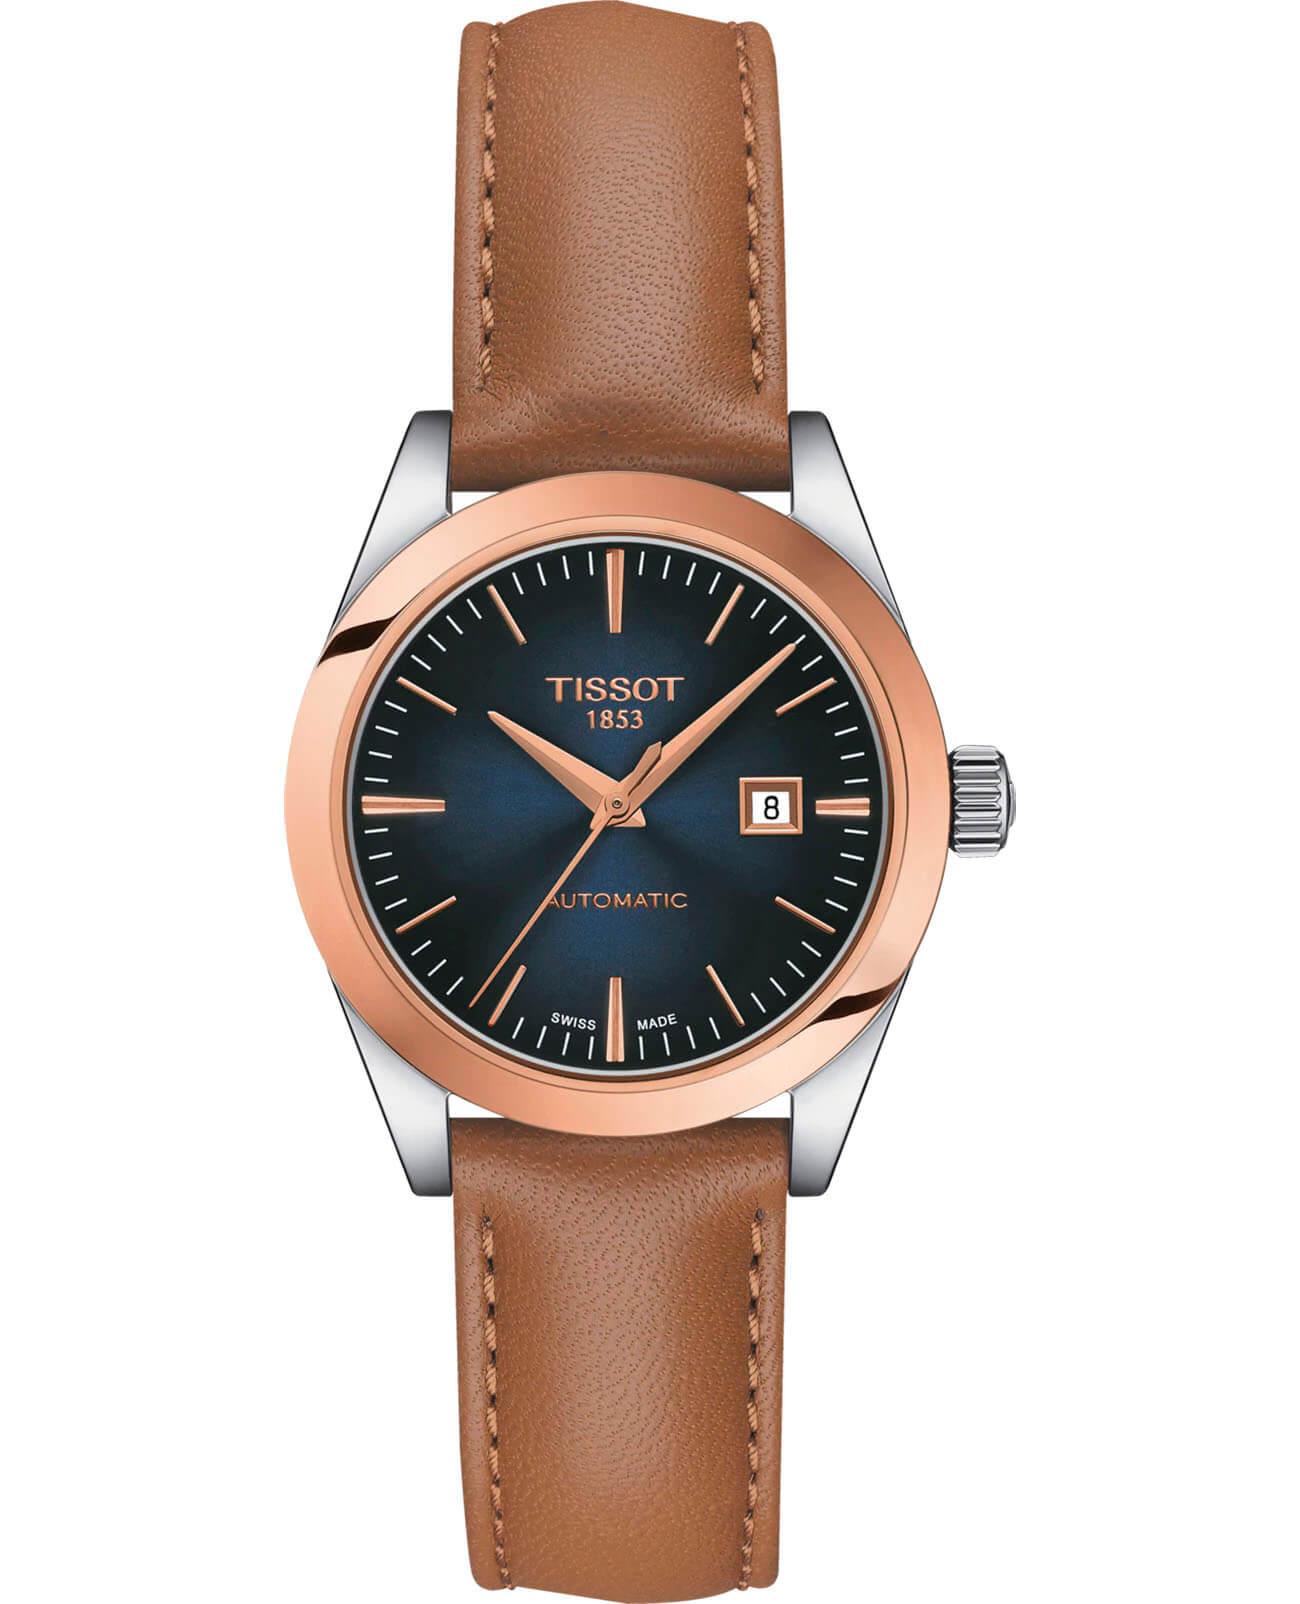 T tissot стоимость часы my в волгограде часы продать